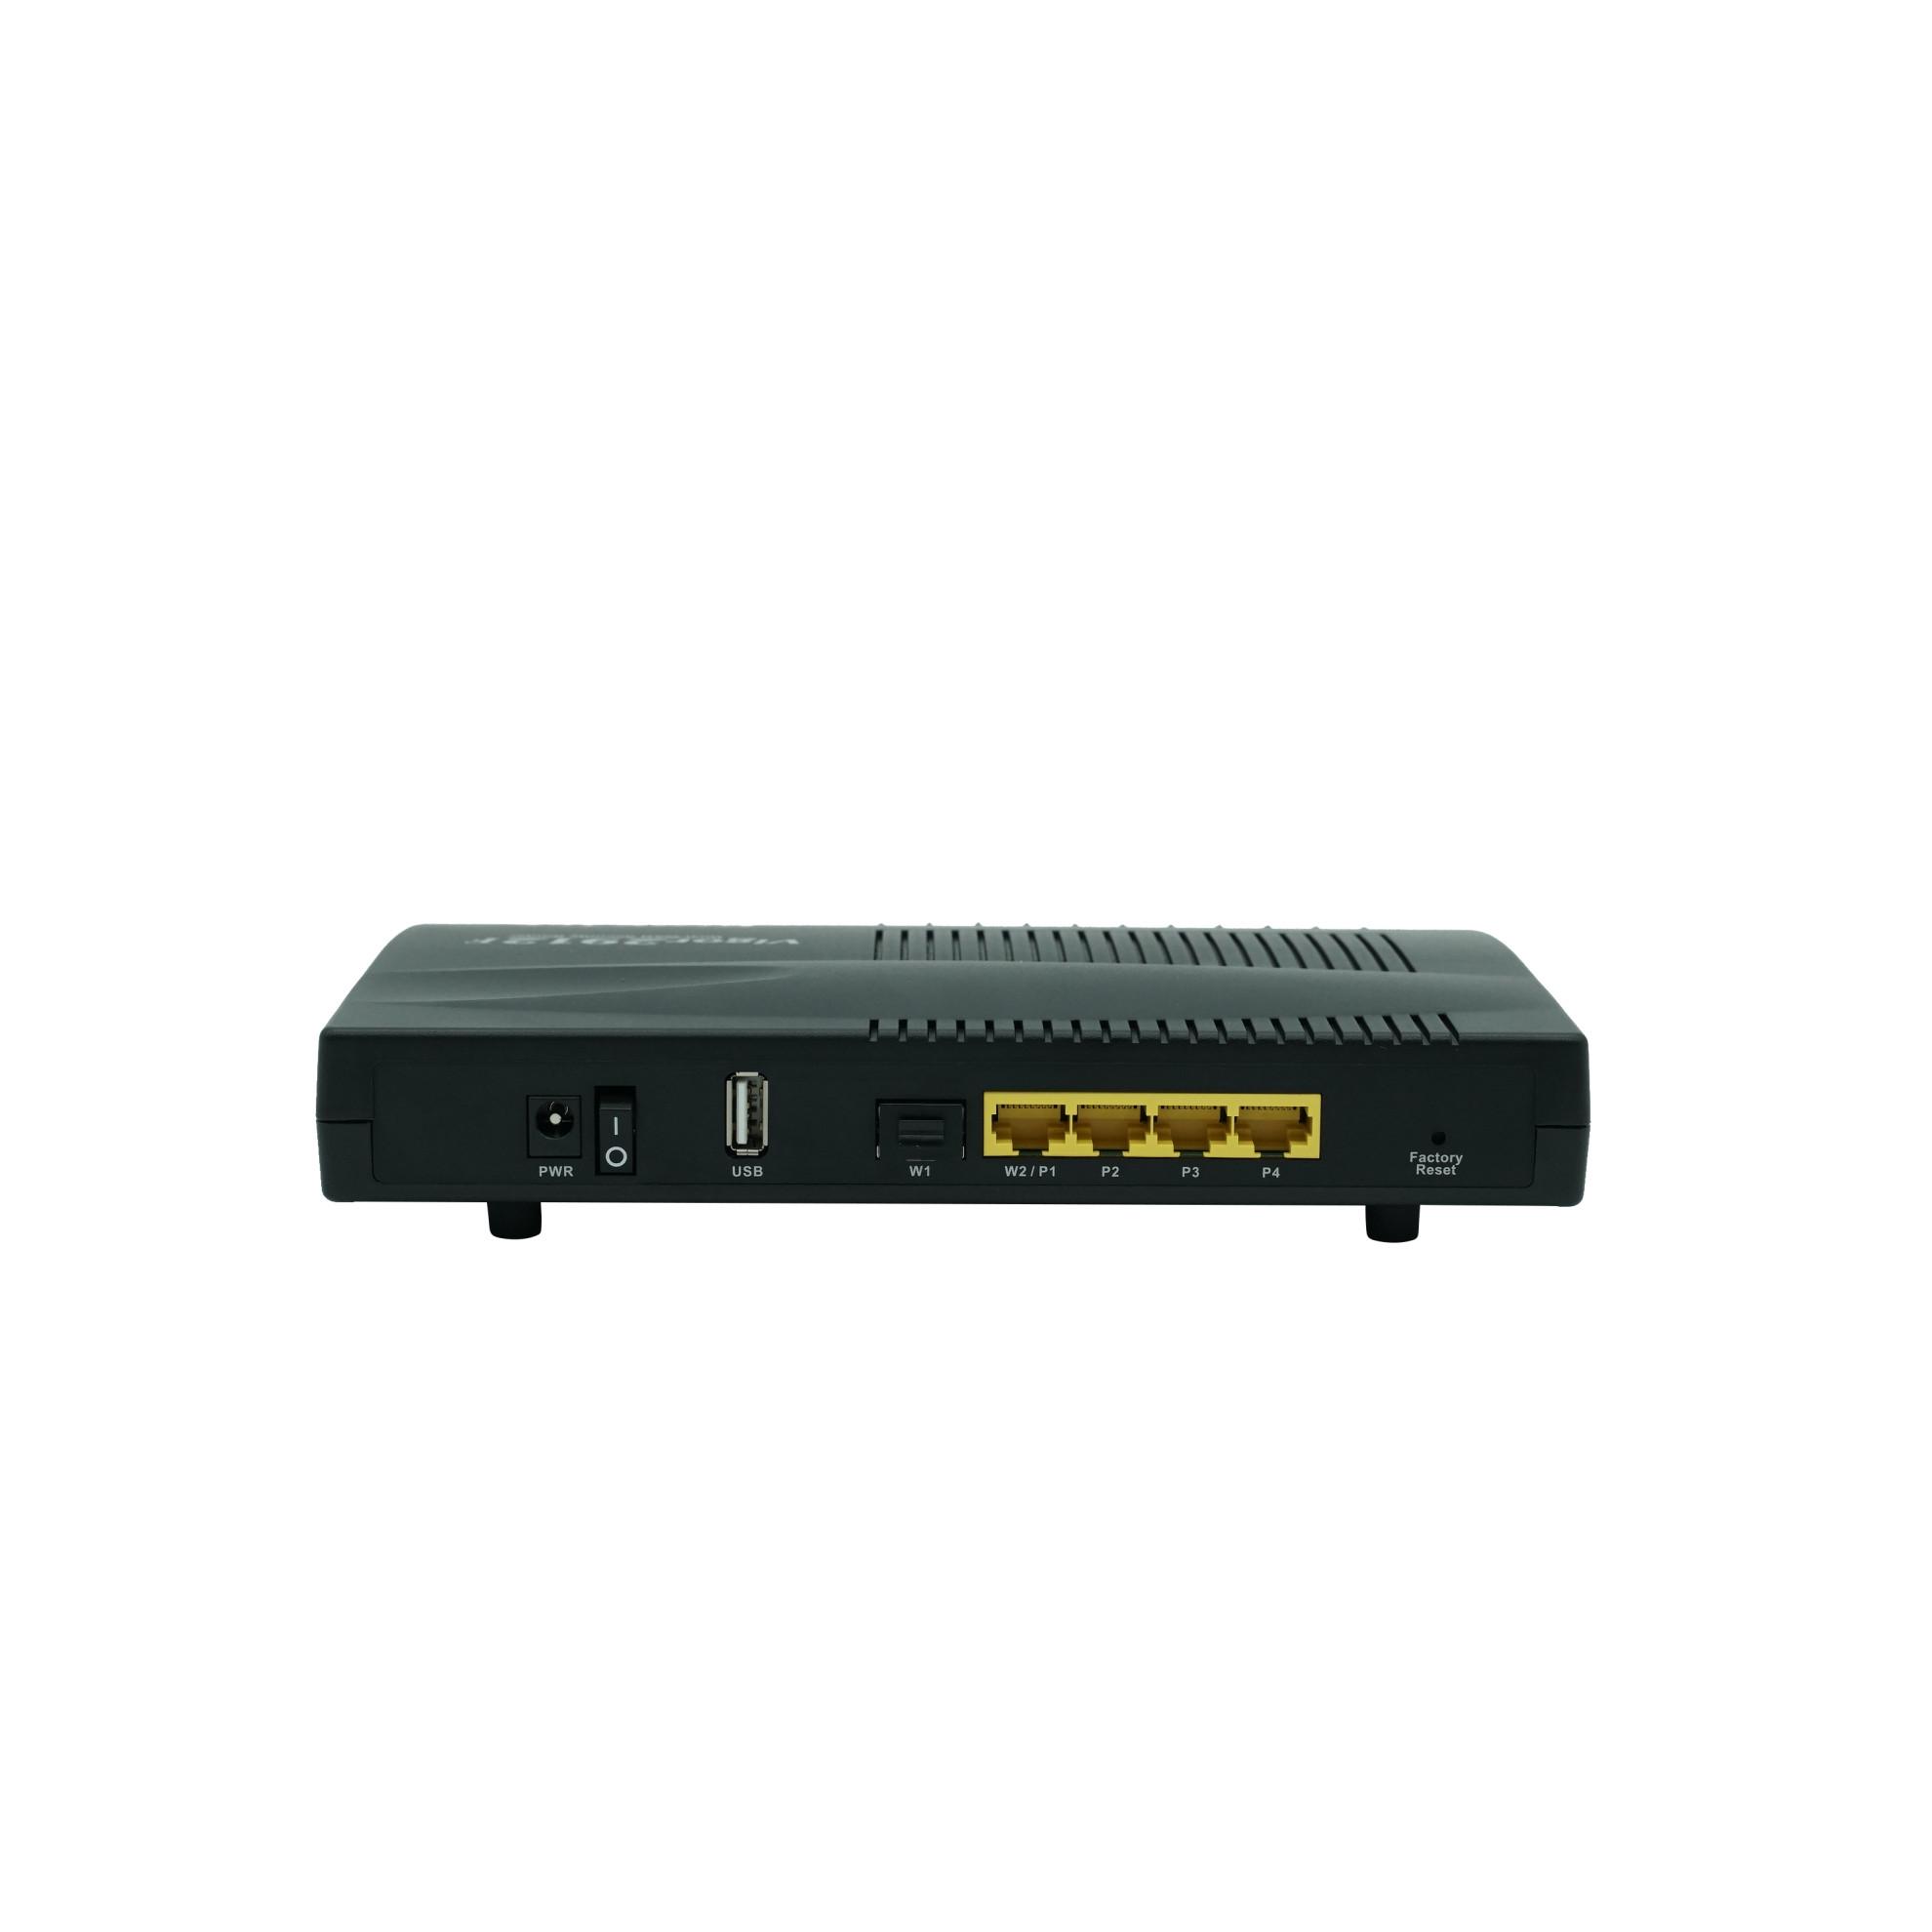 Router Draytek Vigor 2912 - Hàng Chính Hãng